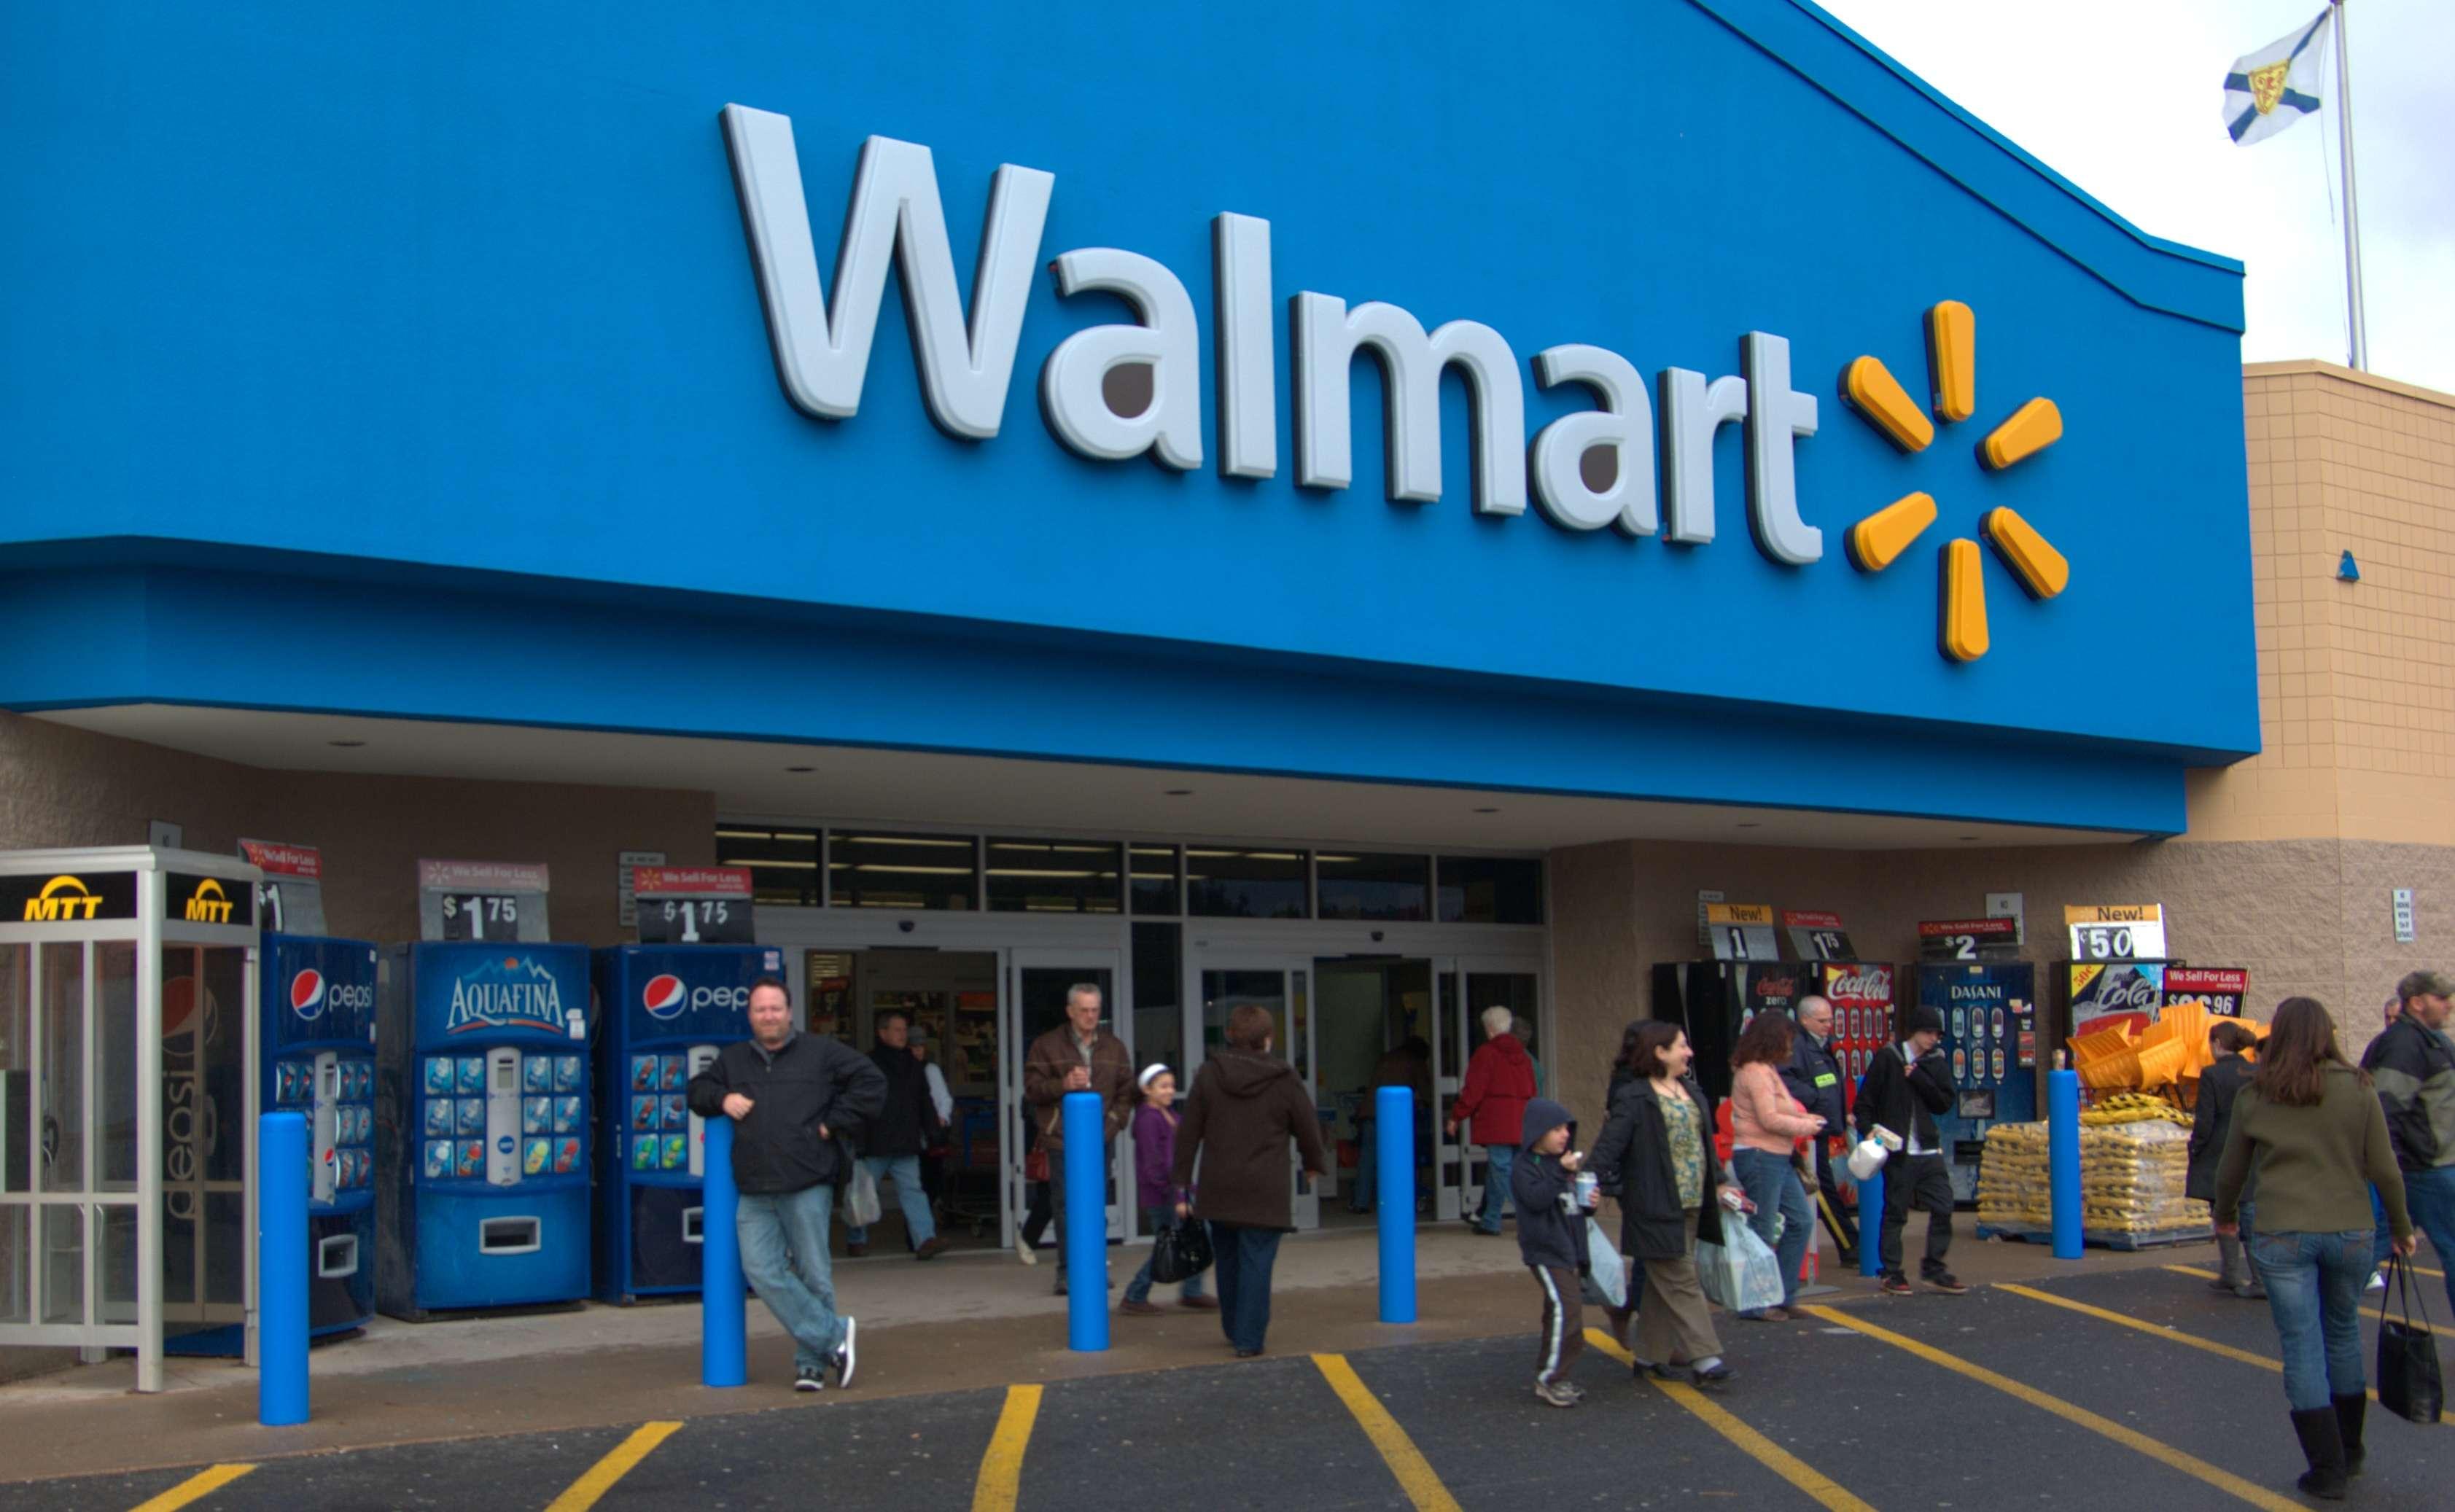 Η Wal – Mart δεν επιτρέπει στους εργαζομένους της να σχηματίσουν συνδικάτα. Αν οι εργαζόμενοι φτάσουν πολύ κοντά στο να οργανωθούν συνδικαλιστικά, η Wal – Mart απλώς κλείνει το κατάστημα και μετακομίζει αλλού».